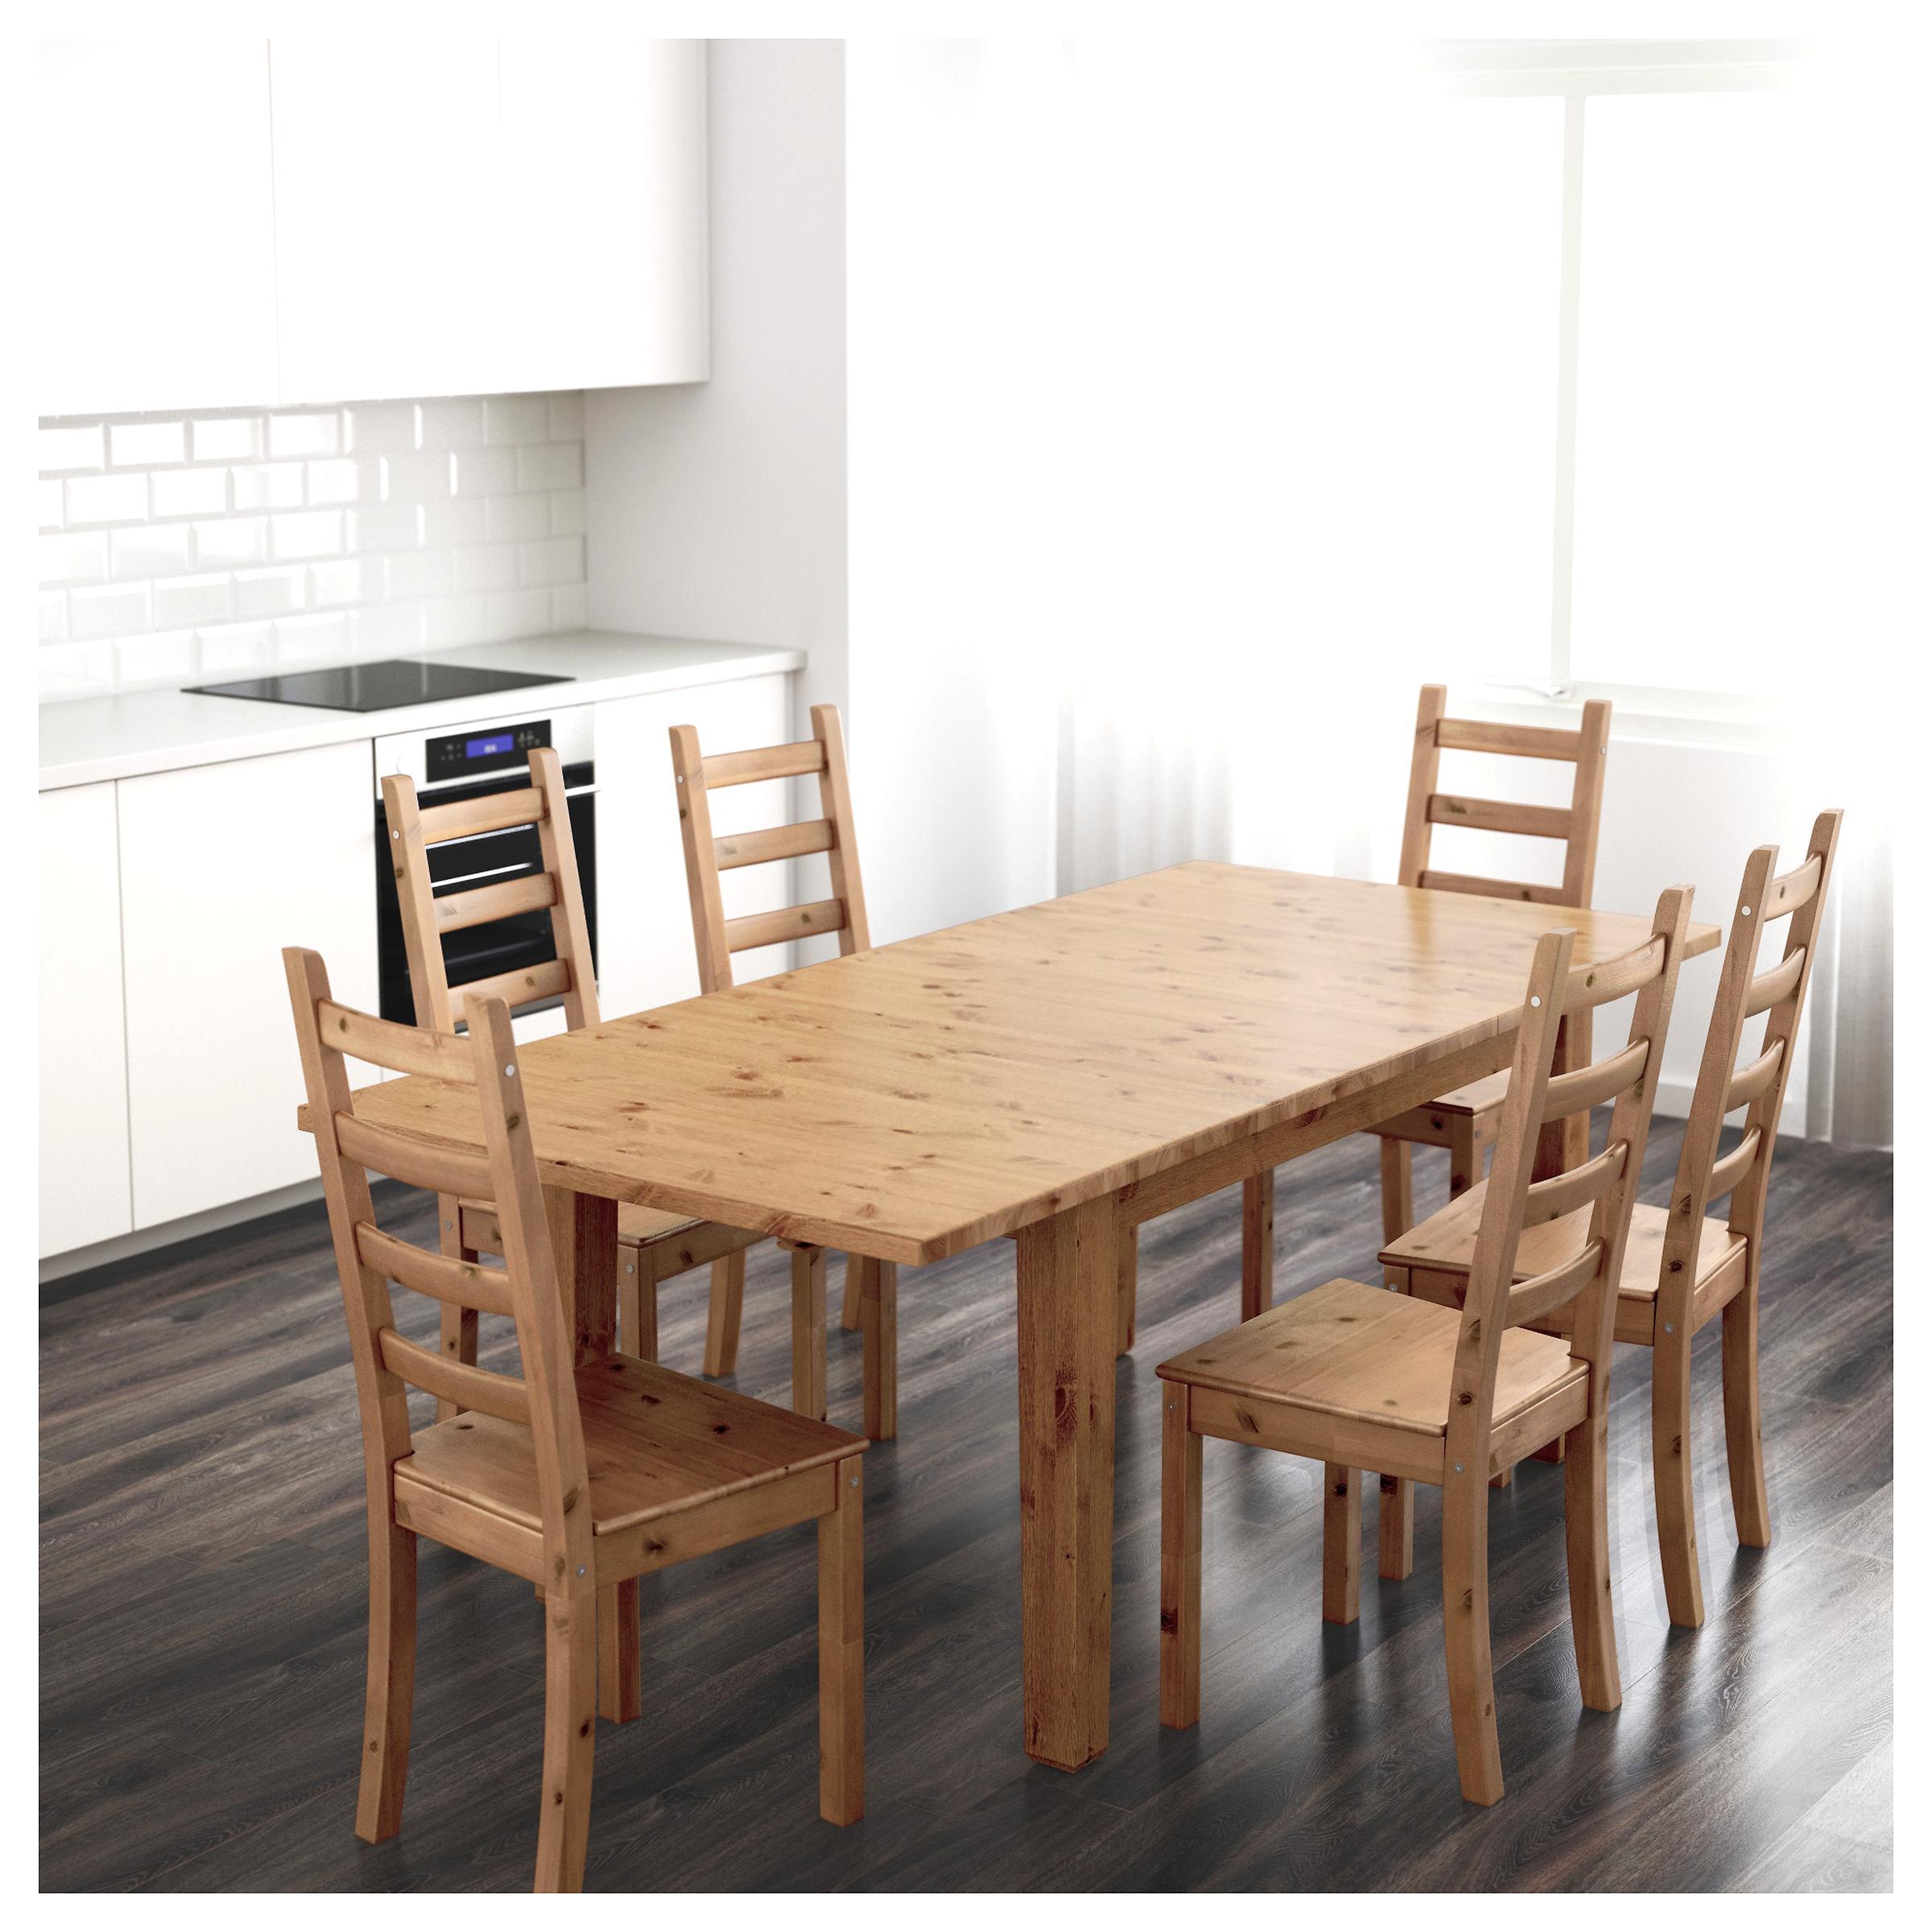 Table A Manger Ikea En Bois stornas table ikea d'occasion   plus que 3 à -75%